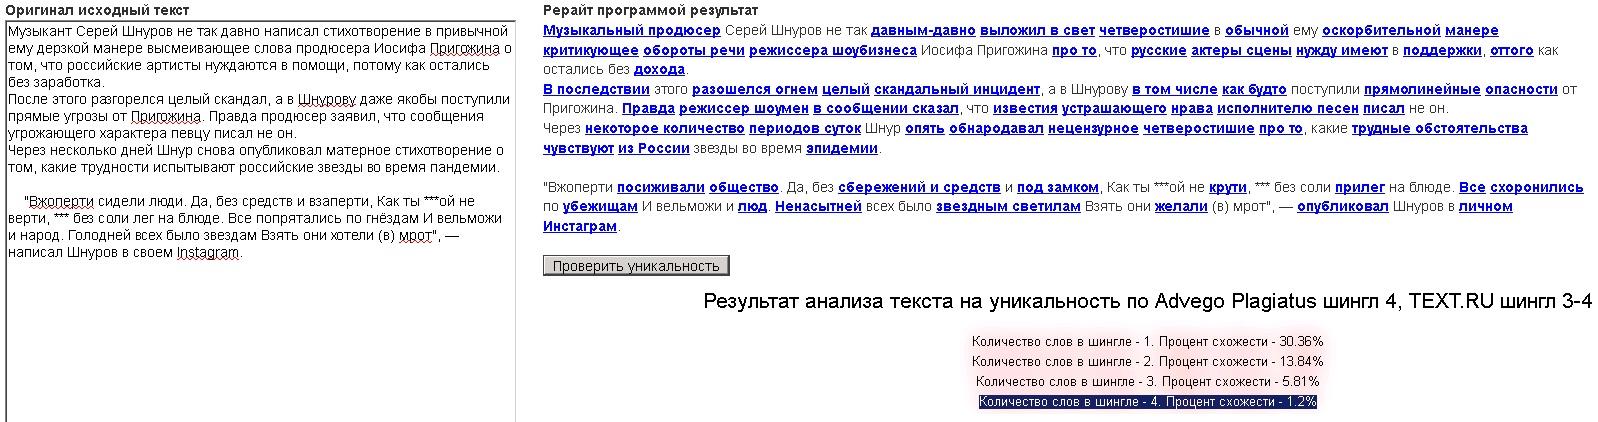 Перефразирование текста онлайн бесплатно